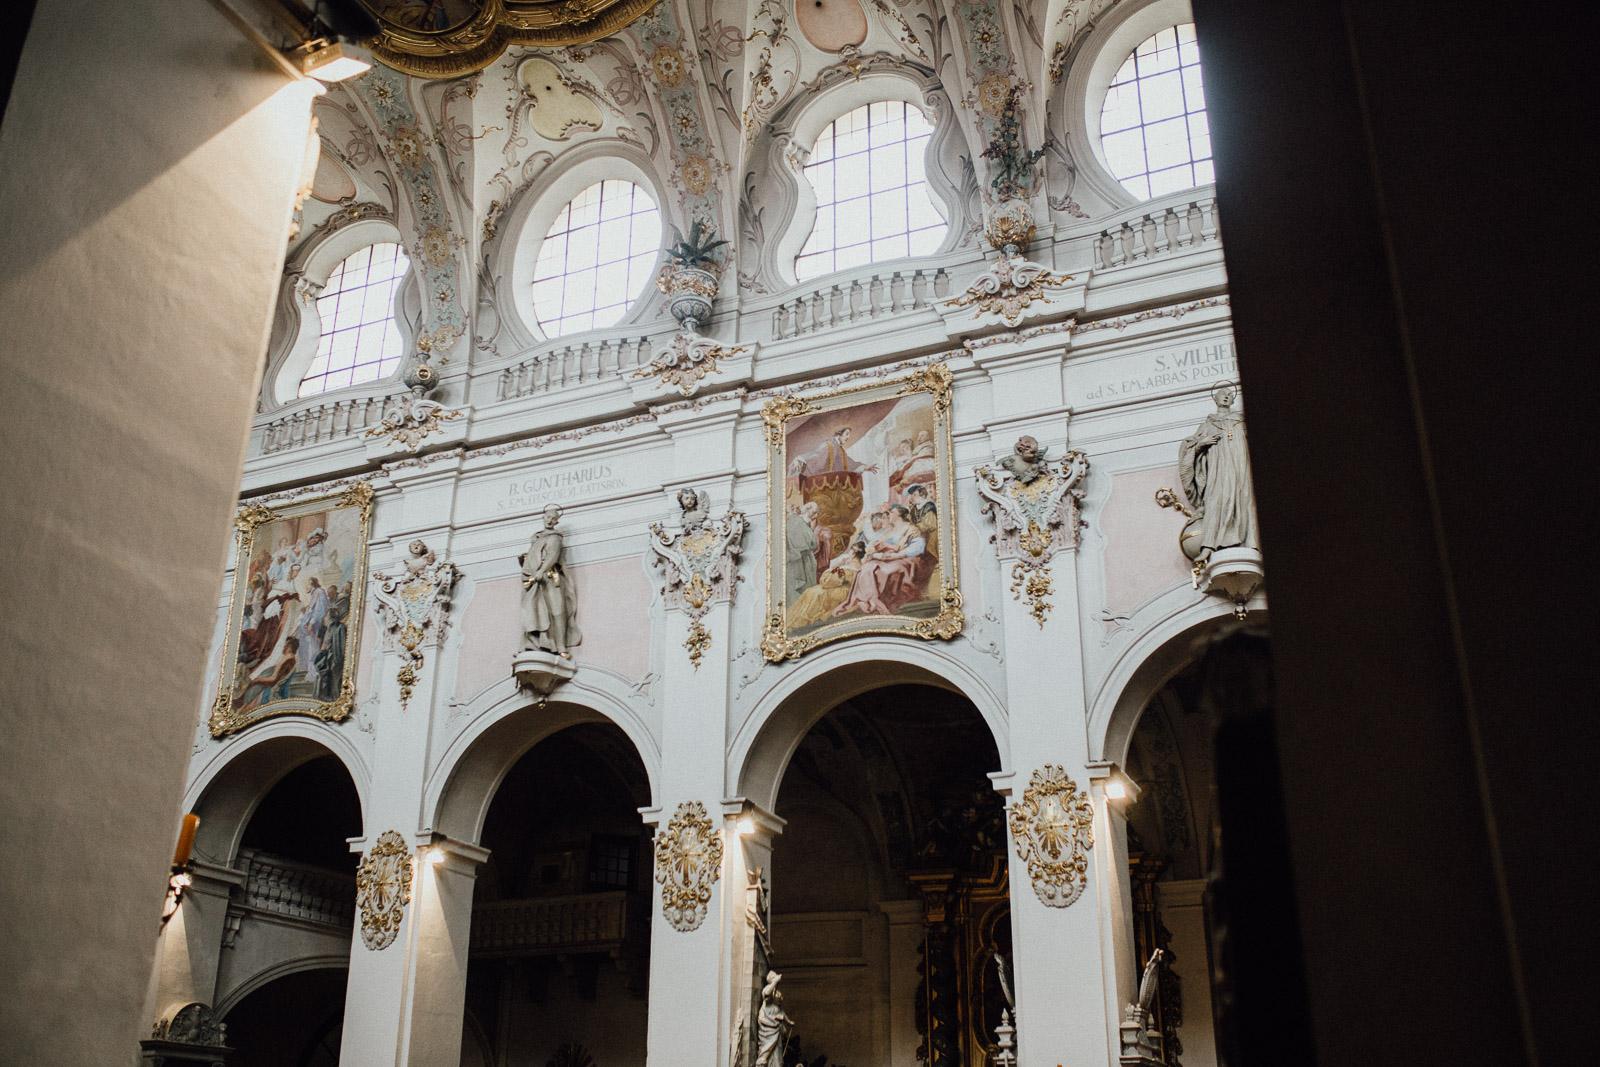 Regenhochzeit in der Basilika St. Emmeram in Regensburg 128